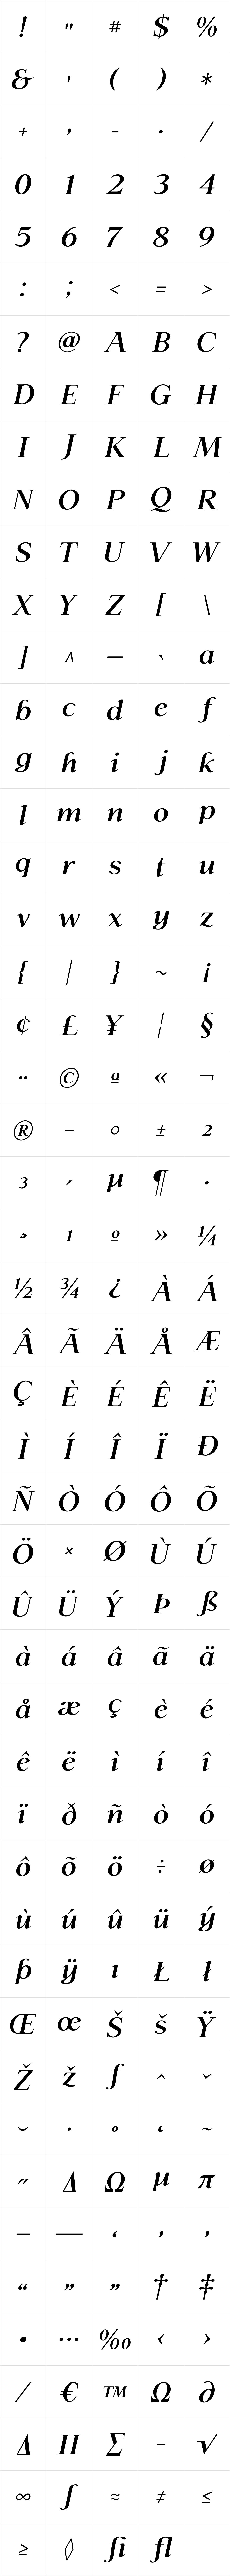 P22 Late November Bold Italic